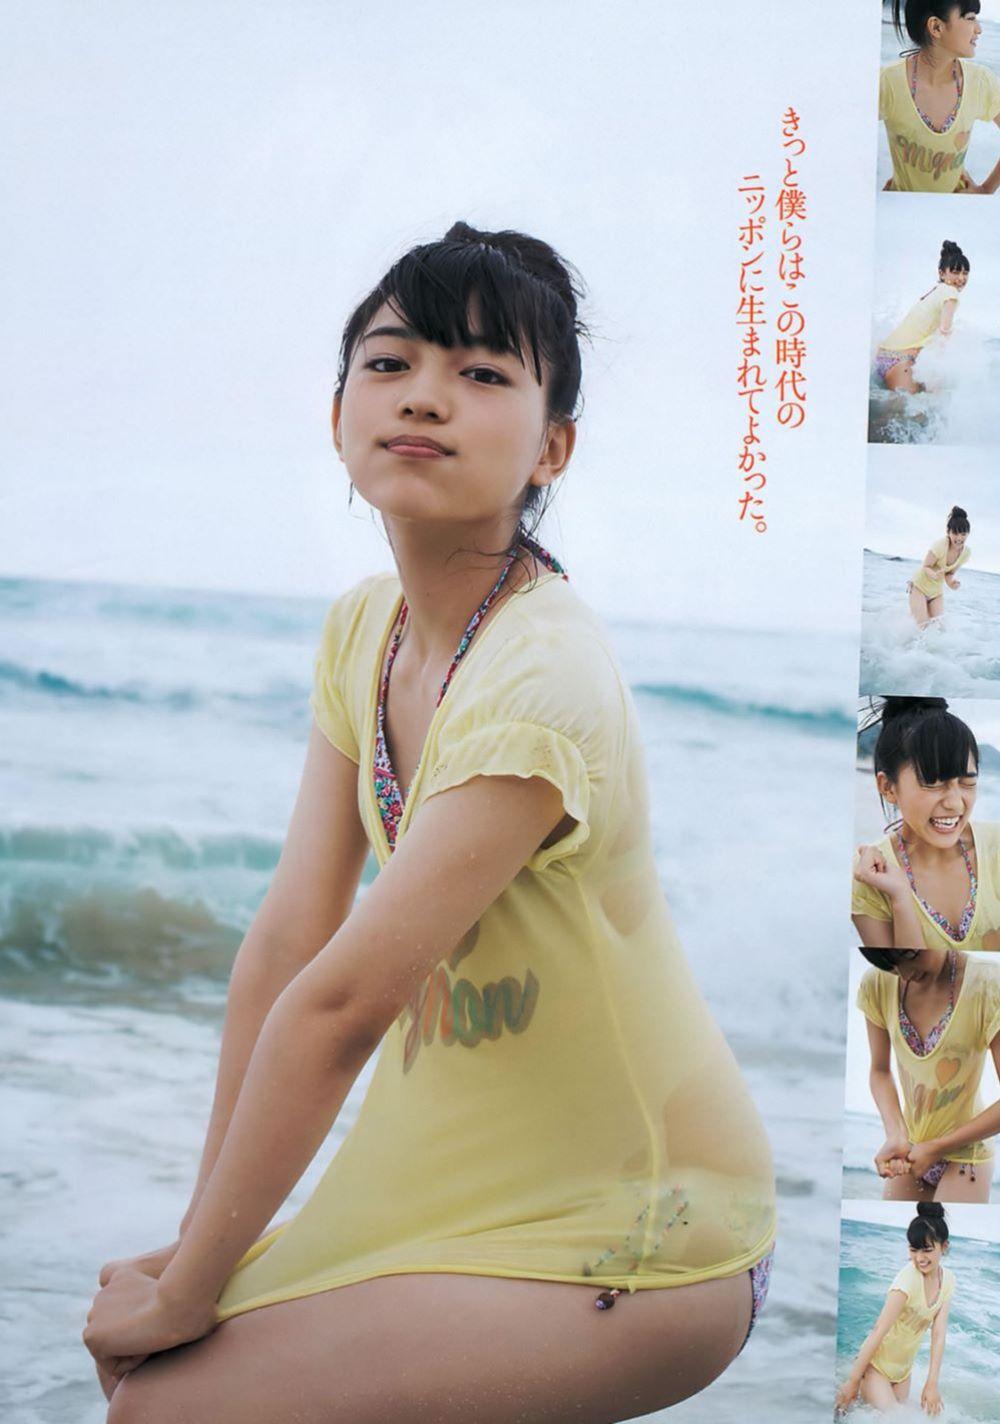 川口春奈の最新ビキニでシコれる水着グラビア画像 36